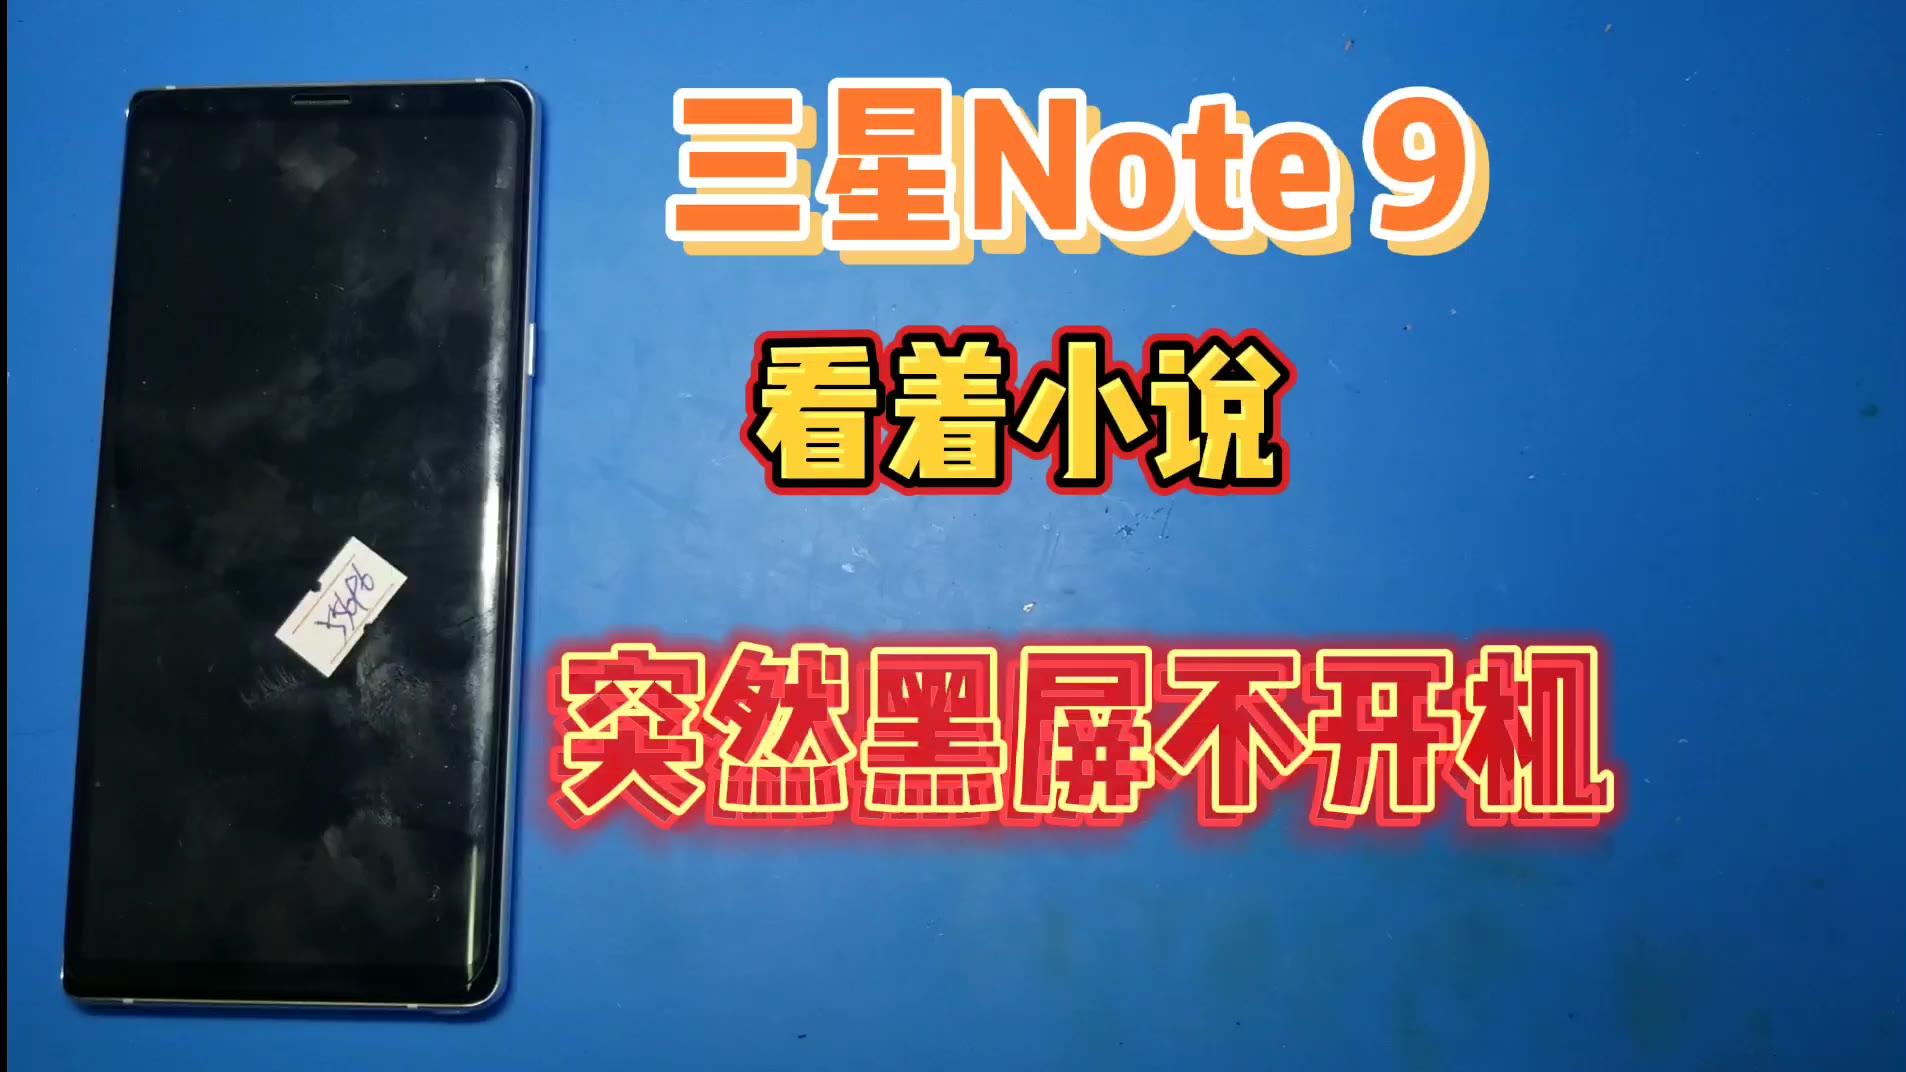 三星Note9看小说突然黑屏不开机,主板漏电40毫安,这次不是小电源坏了,使用电击法轻松搞定!